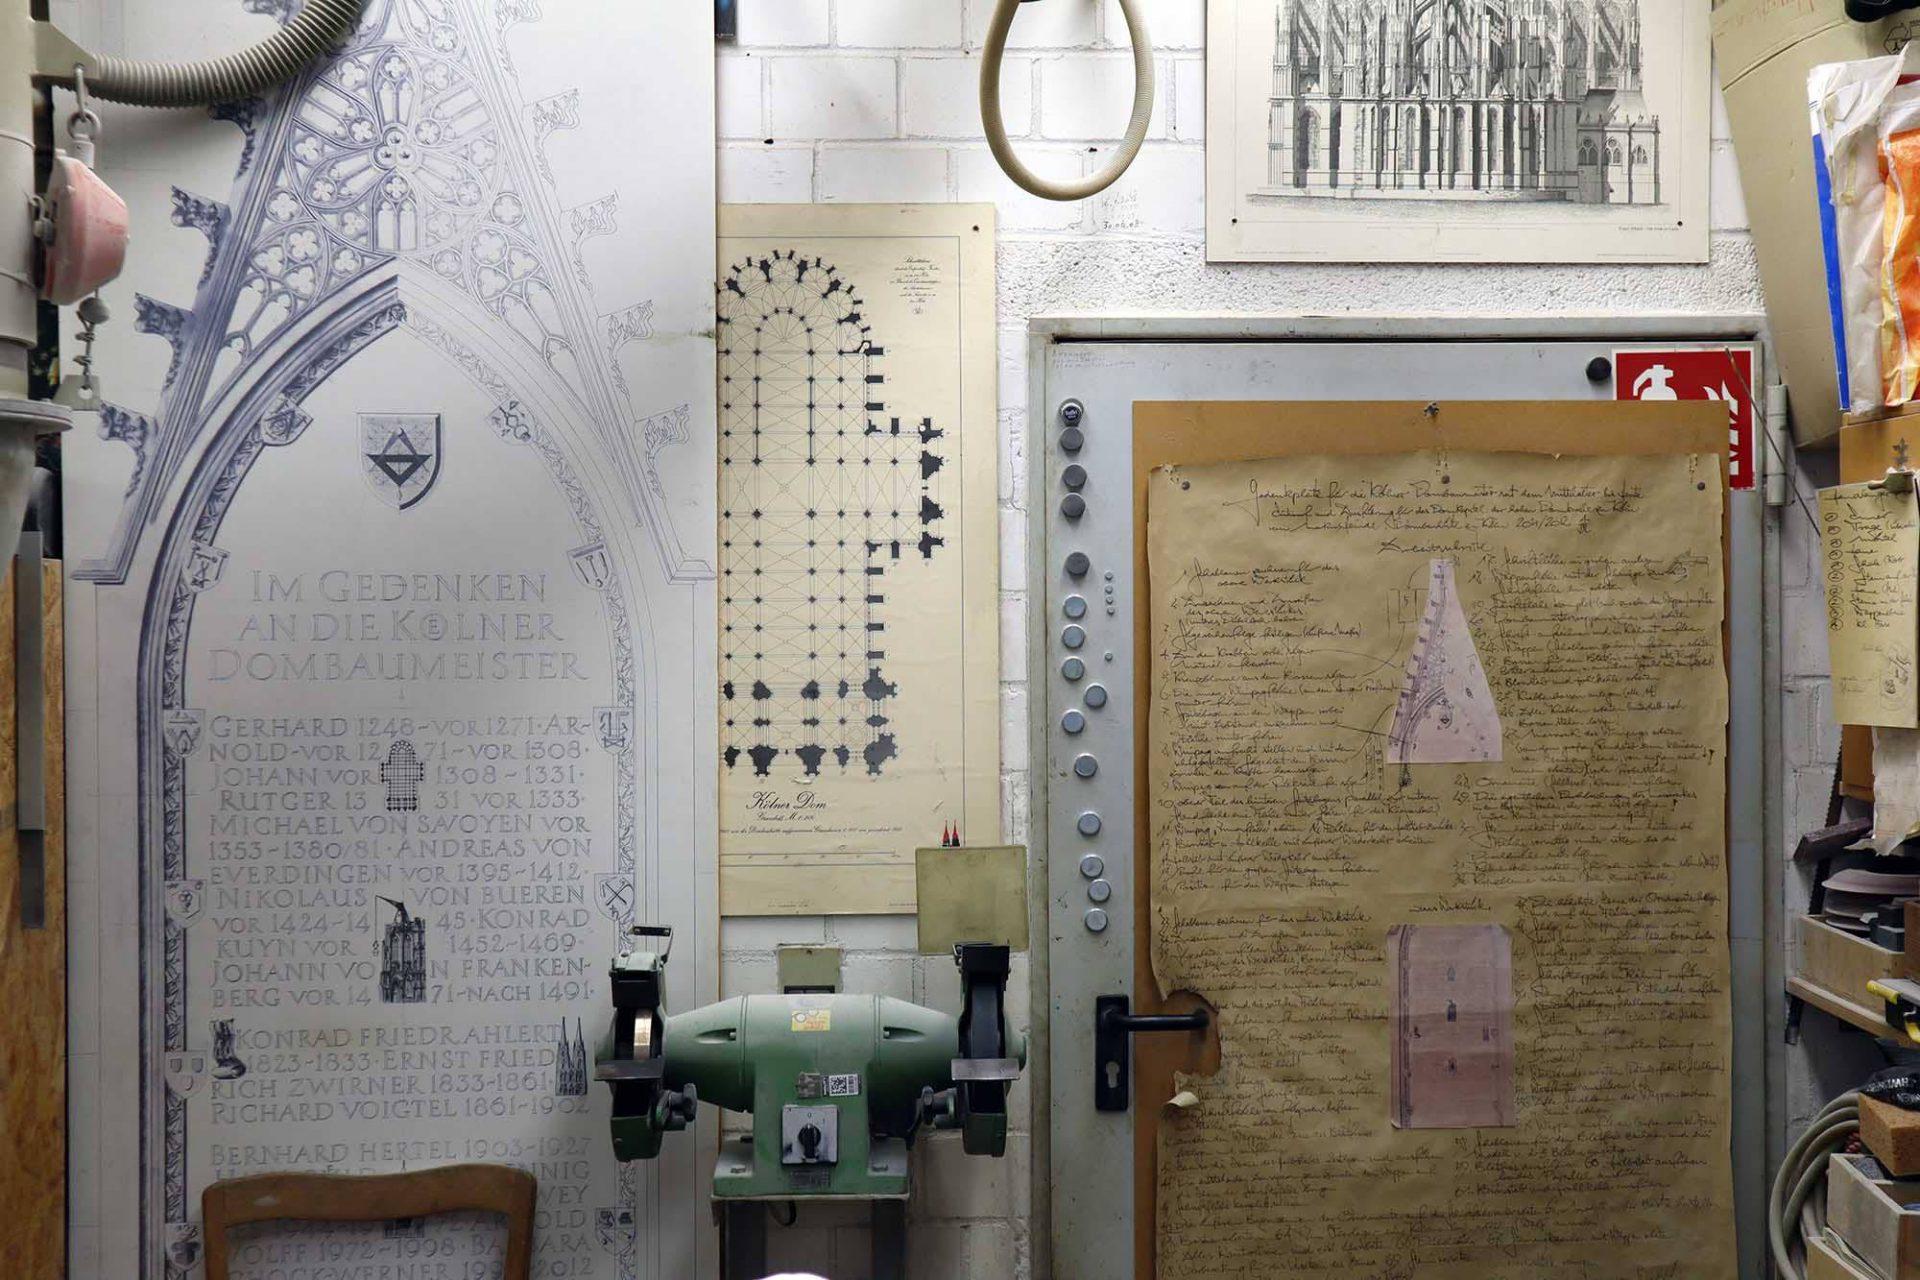 Dombauhütte Köln. Als Vorlage dienen auch historische Texte, Zeichnungen und Fotografien.